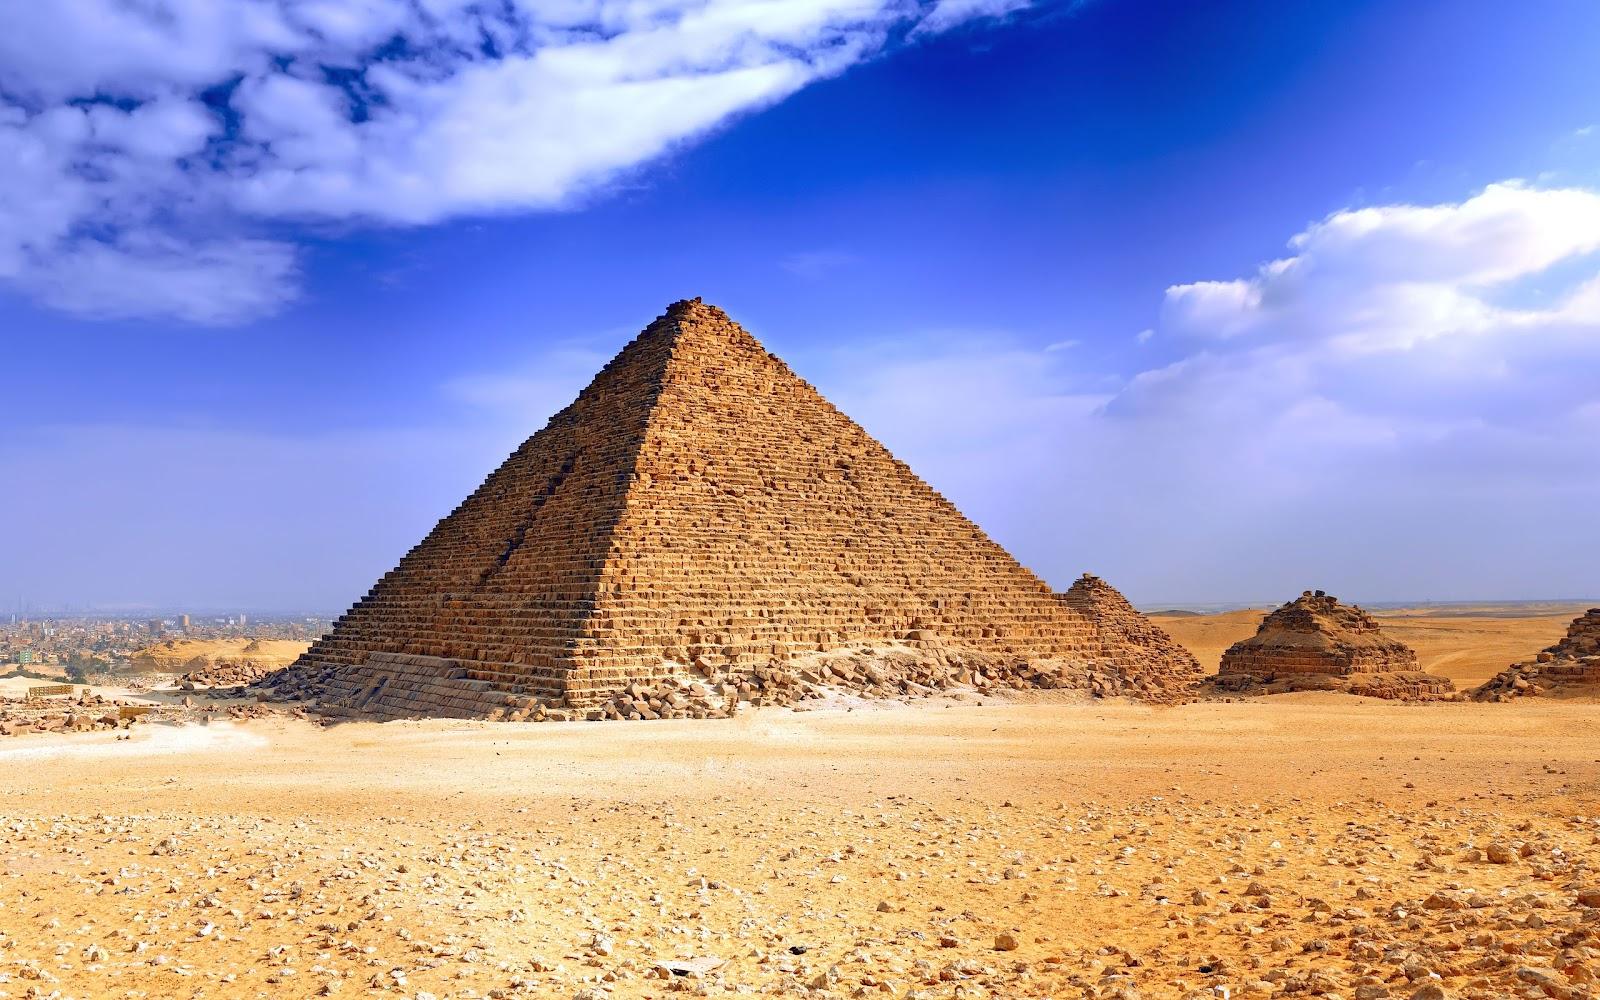 http://1.bp.blogspot.com/--VJfS1RxsQ4/T_71W5OGVoI/AAAAAAAAEz4/HA4hxKHDYkg/s1600/Egyptian-Pyramids-HD-Wallpaper-3.jpg